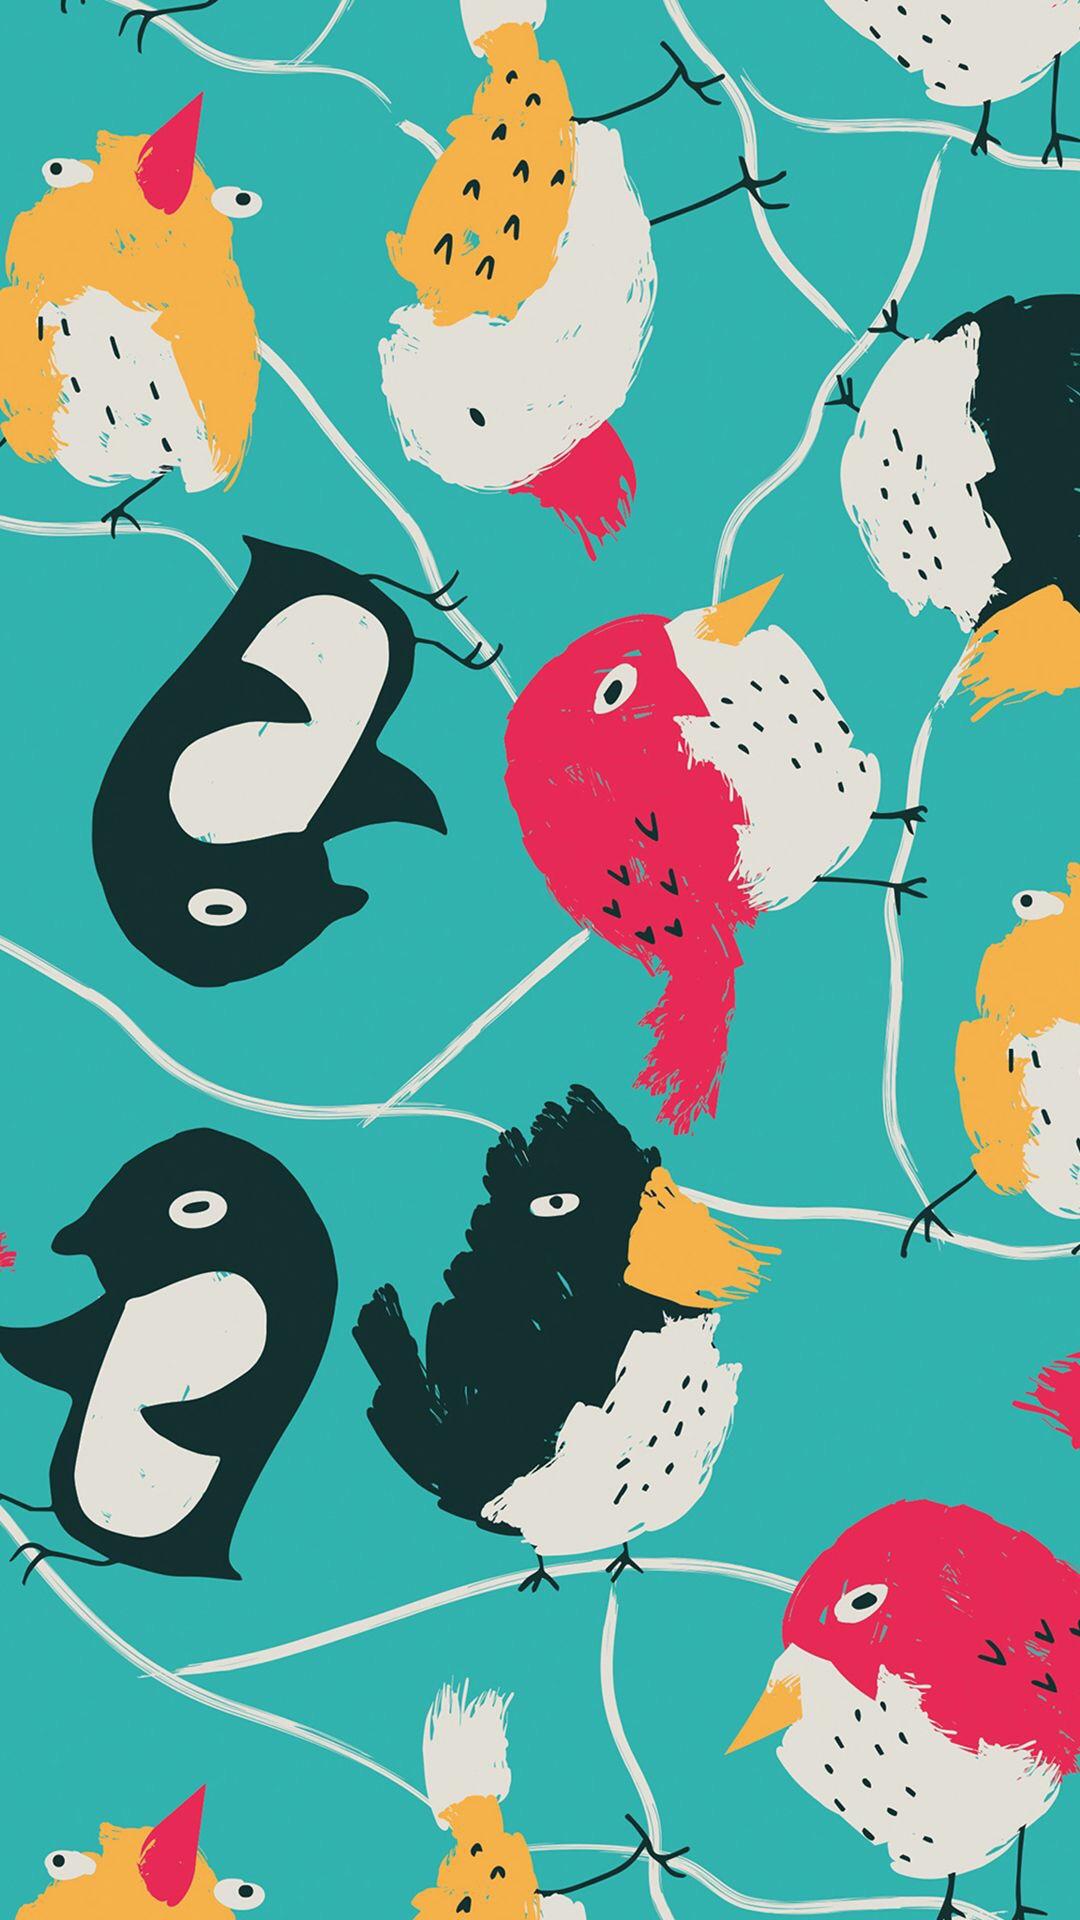 企鹅 鸟 手绘 插画 平铺 彩色 动物